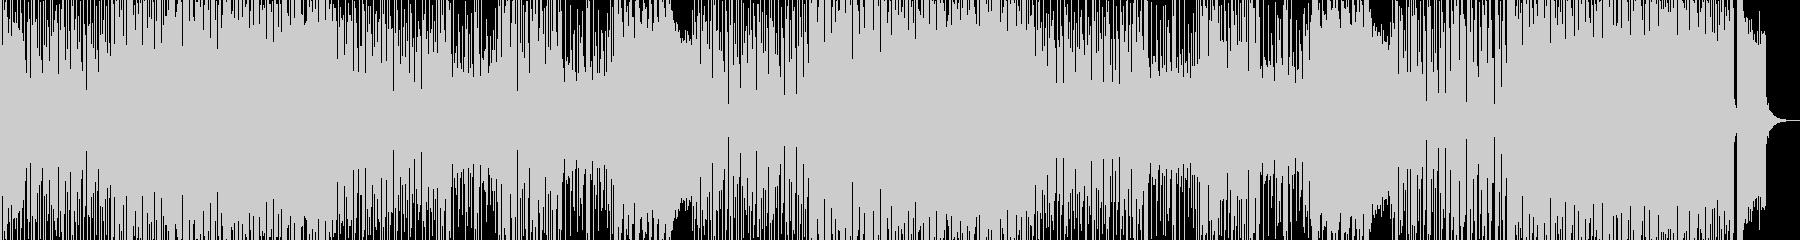 ノリノリ!ポップでかわいいBGMの未再生の波形